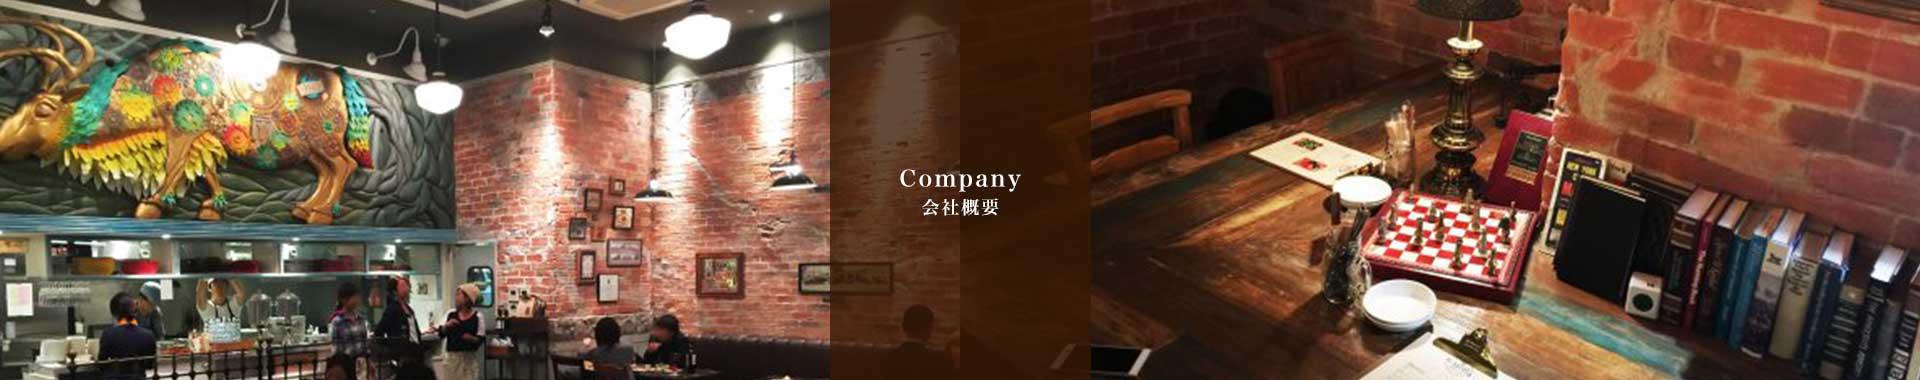 会社概要|東京神奈川の飲食店設計施工のHACOLABO(ハコラボ)(商業空間デザイン・舞台美術造形・ロゴイラストデザイン等)